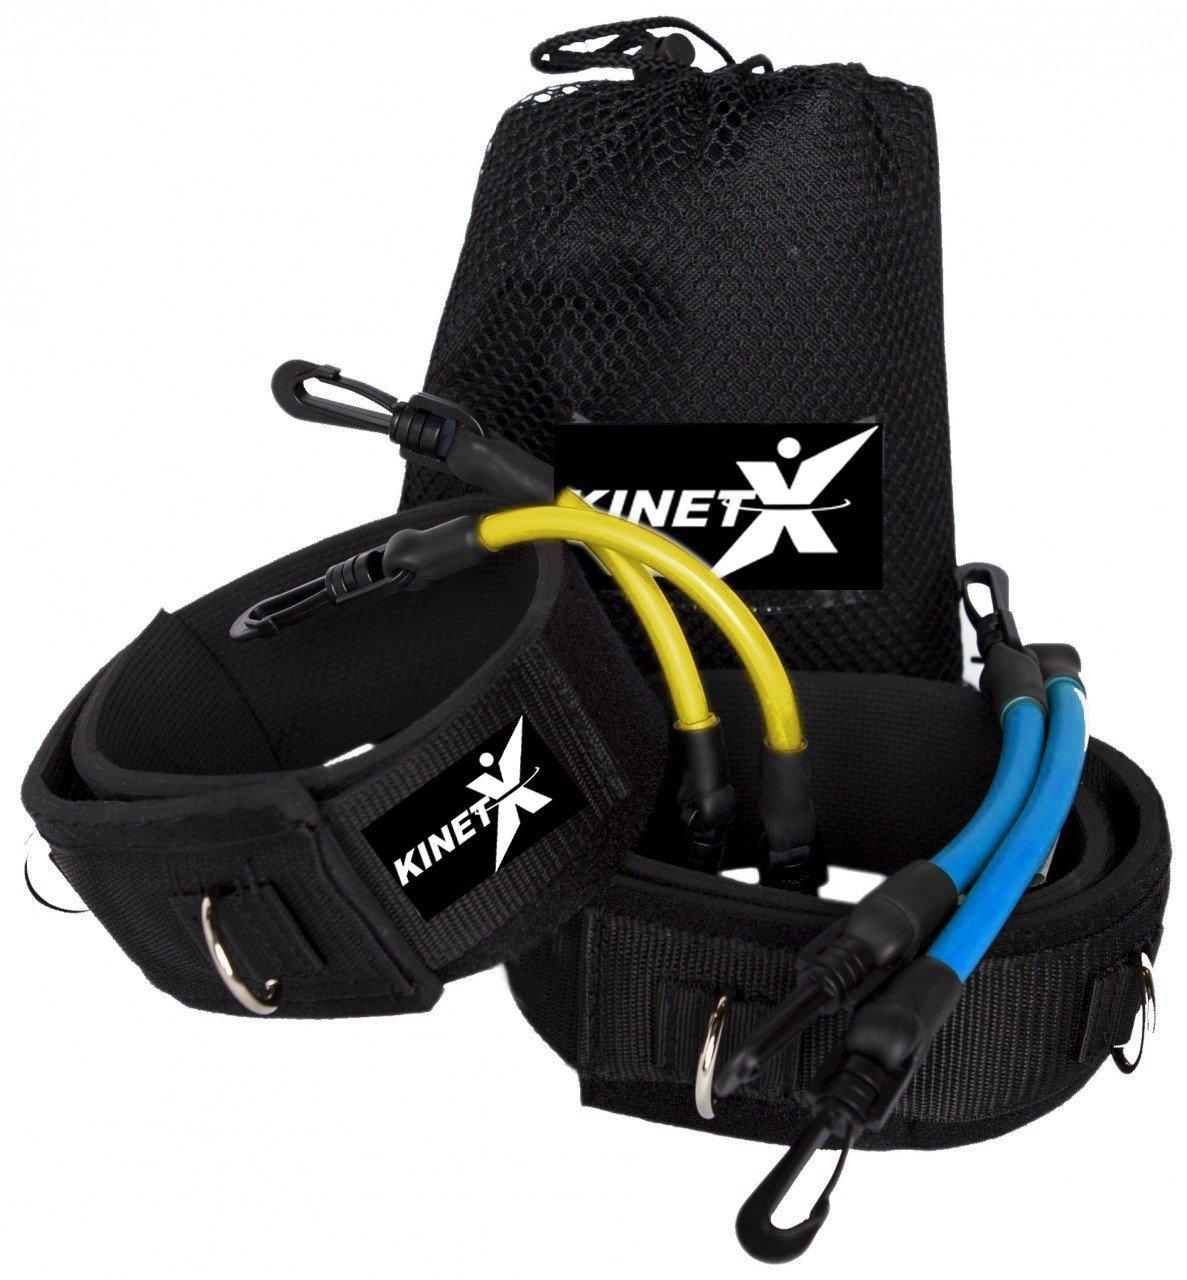 KinetX - Kinetische Widerstands-Beinbänder für effektives Core-Training - Neuheit - Das Original! Kinetx.eu 11035